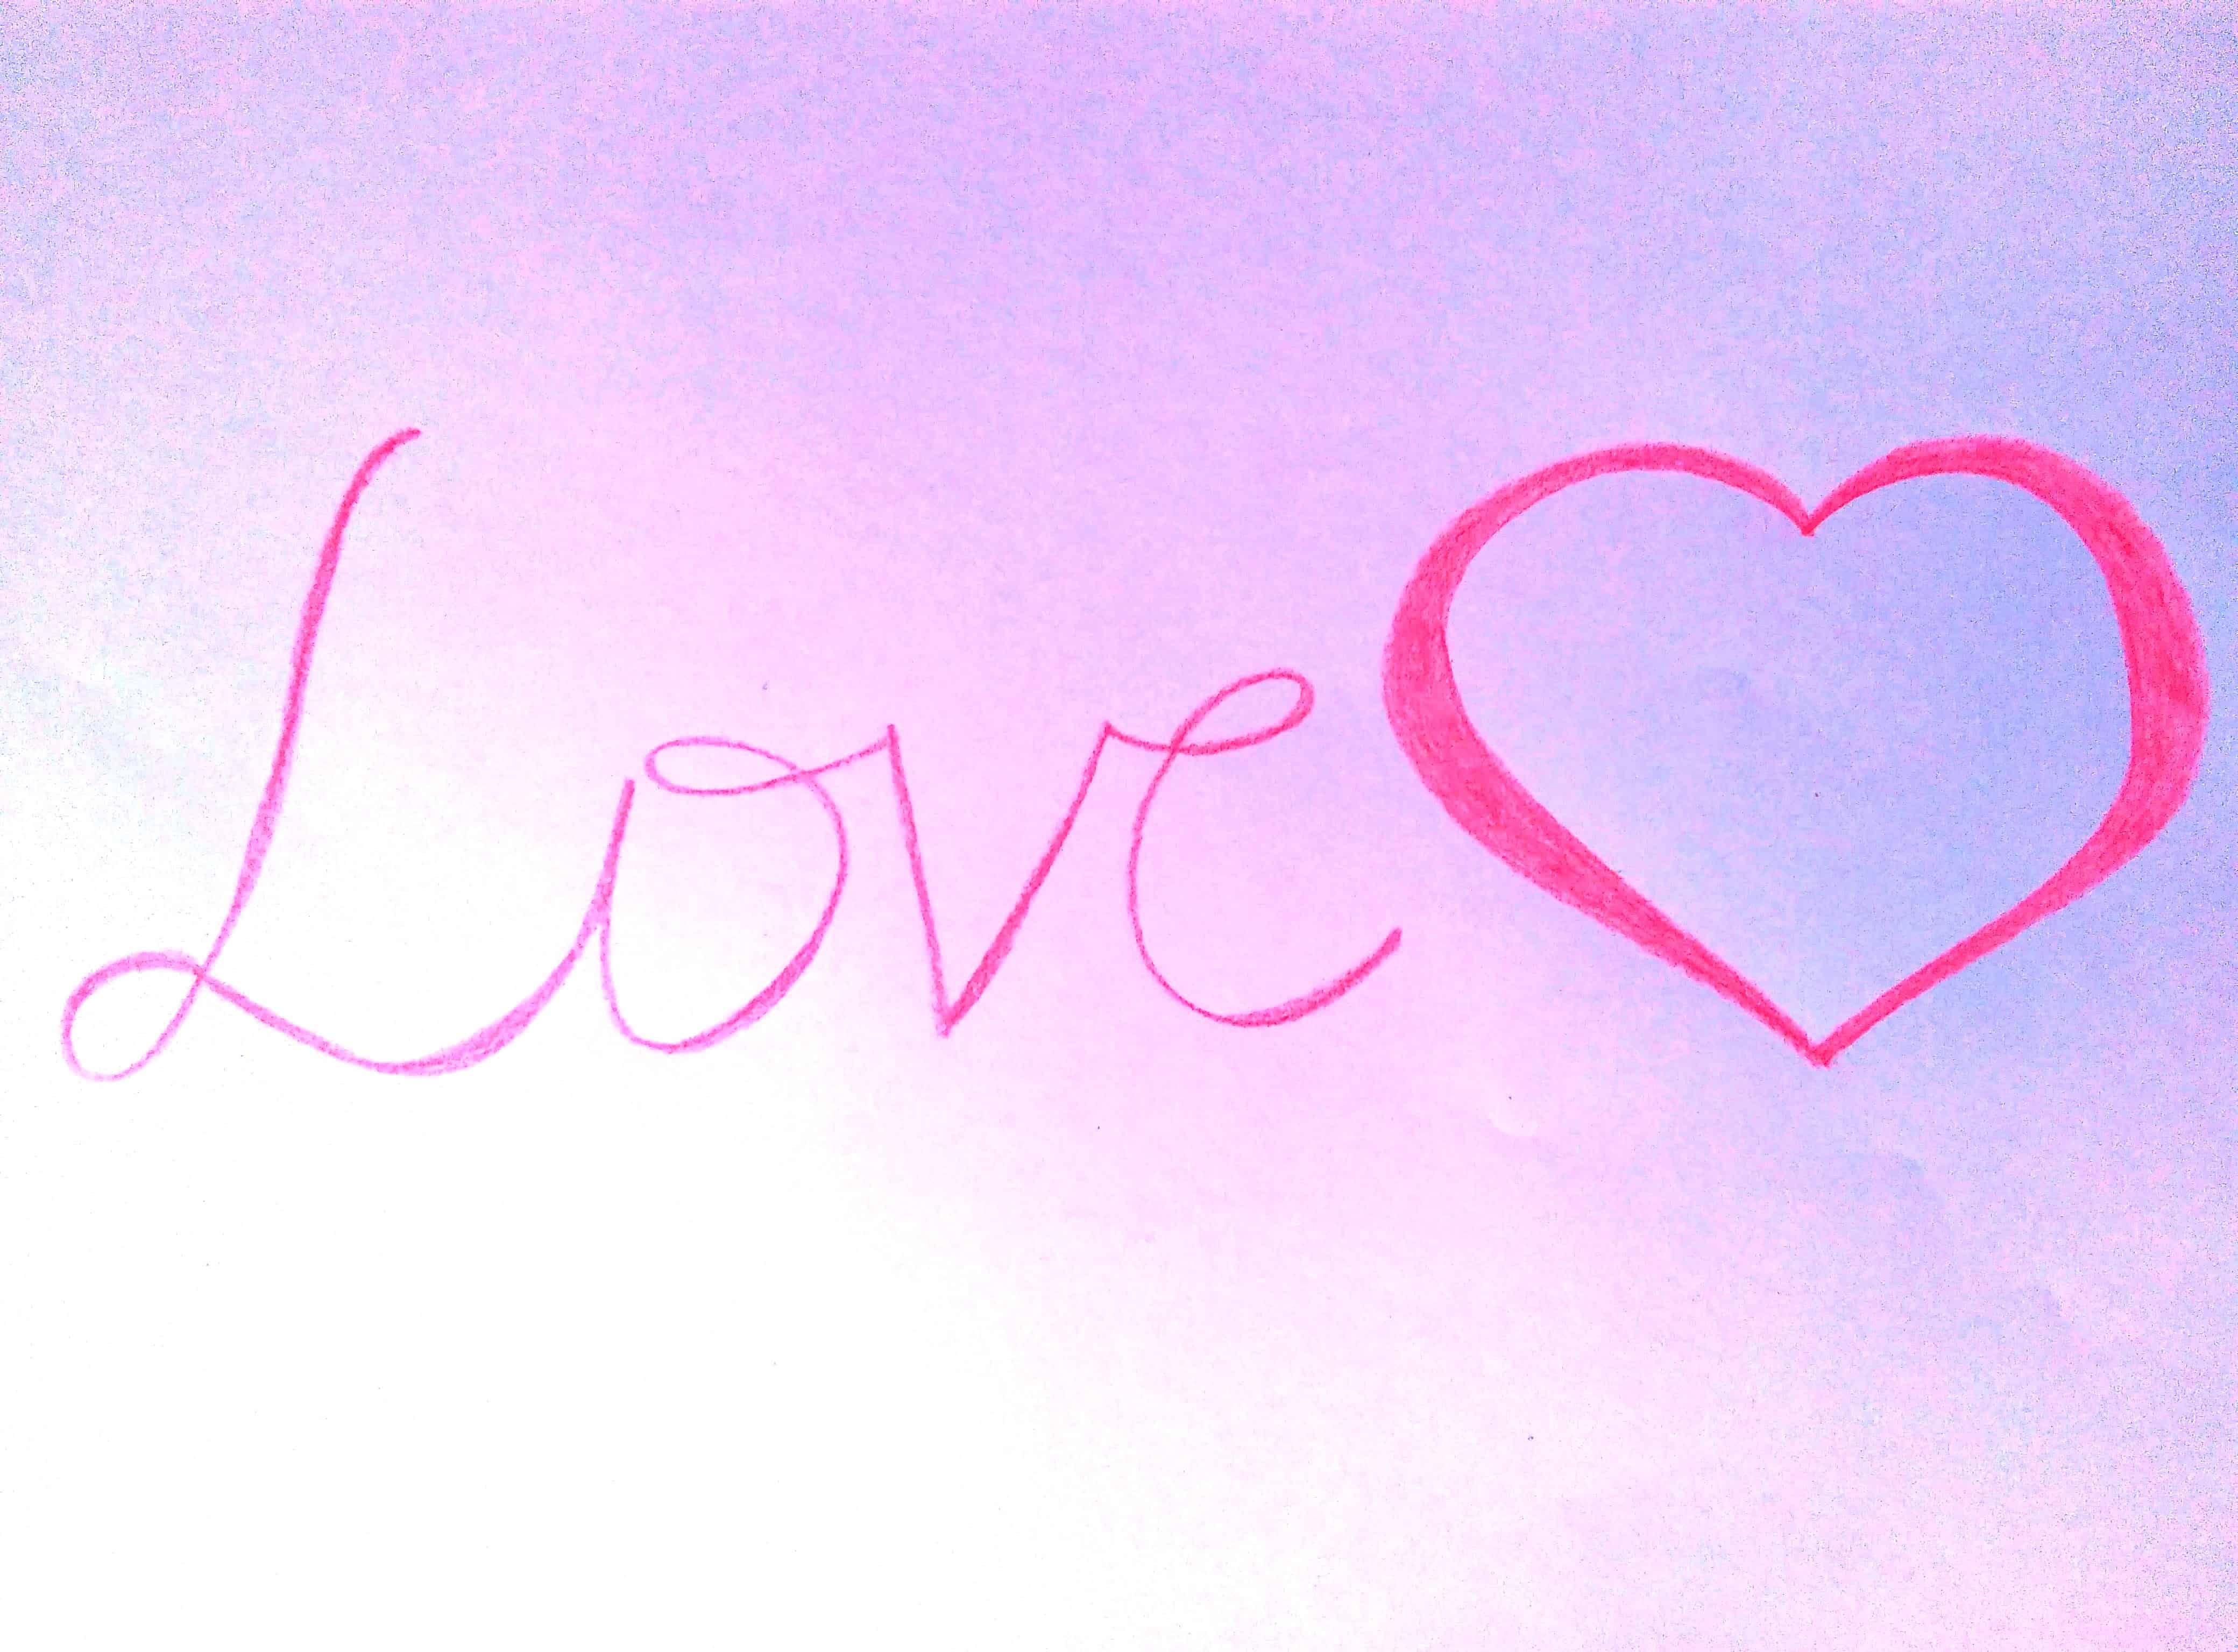 Imagem Gratuita Amor Mensagem Coracao Carinho Texto Amor